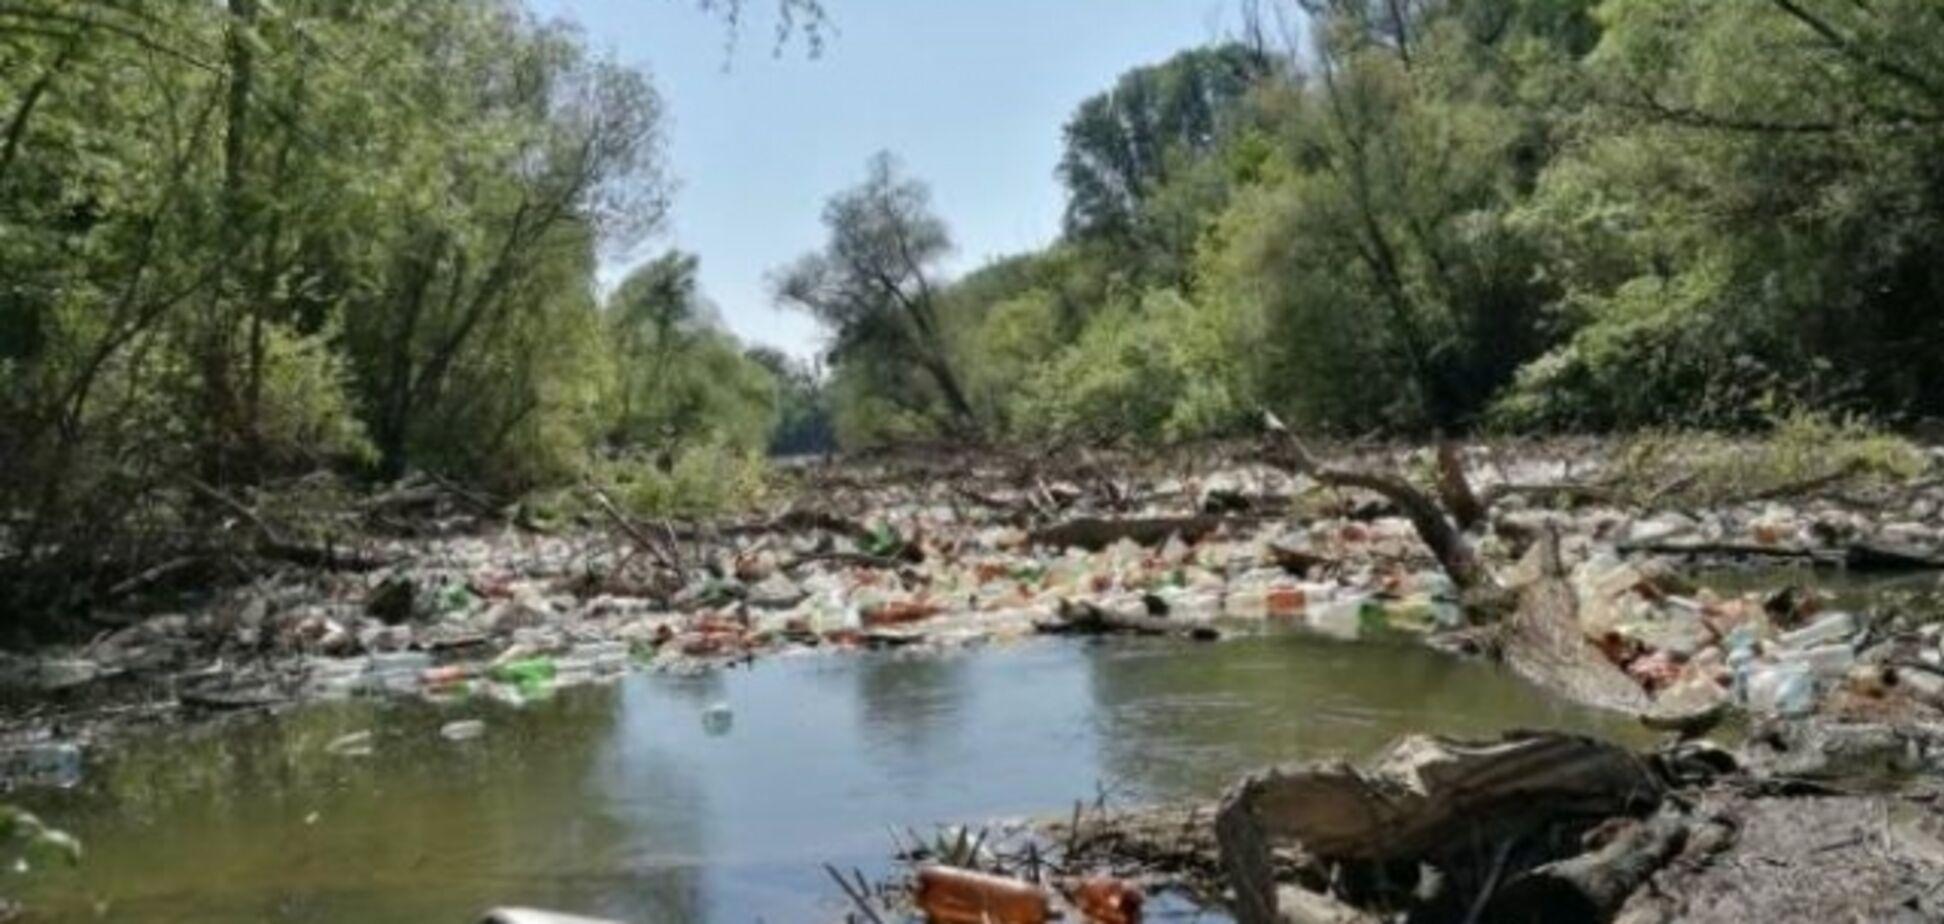 Венгрия потребовала наказать Украину за мусор в реках